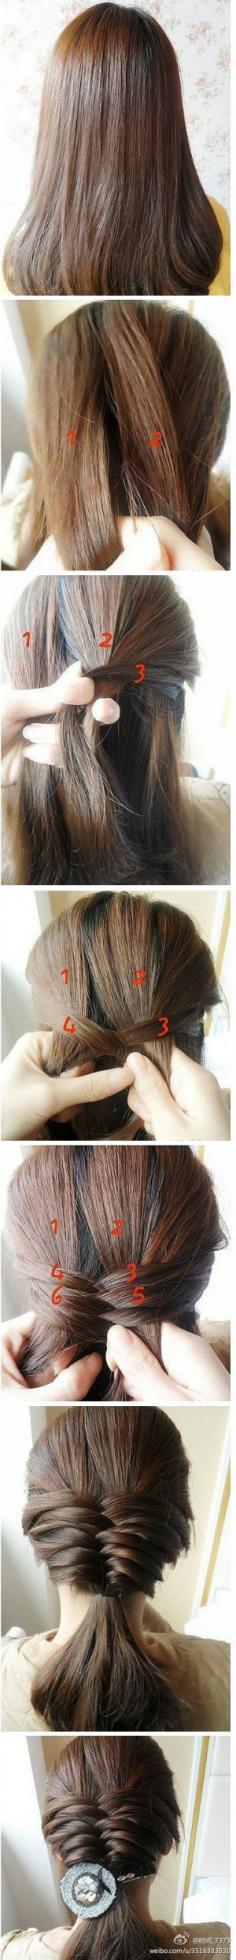 韩式长卷发发型扎法 清爽花苞头编发技巧